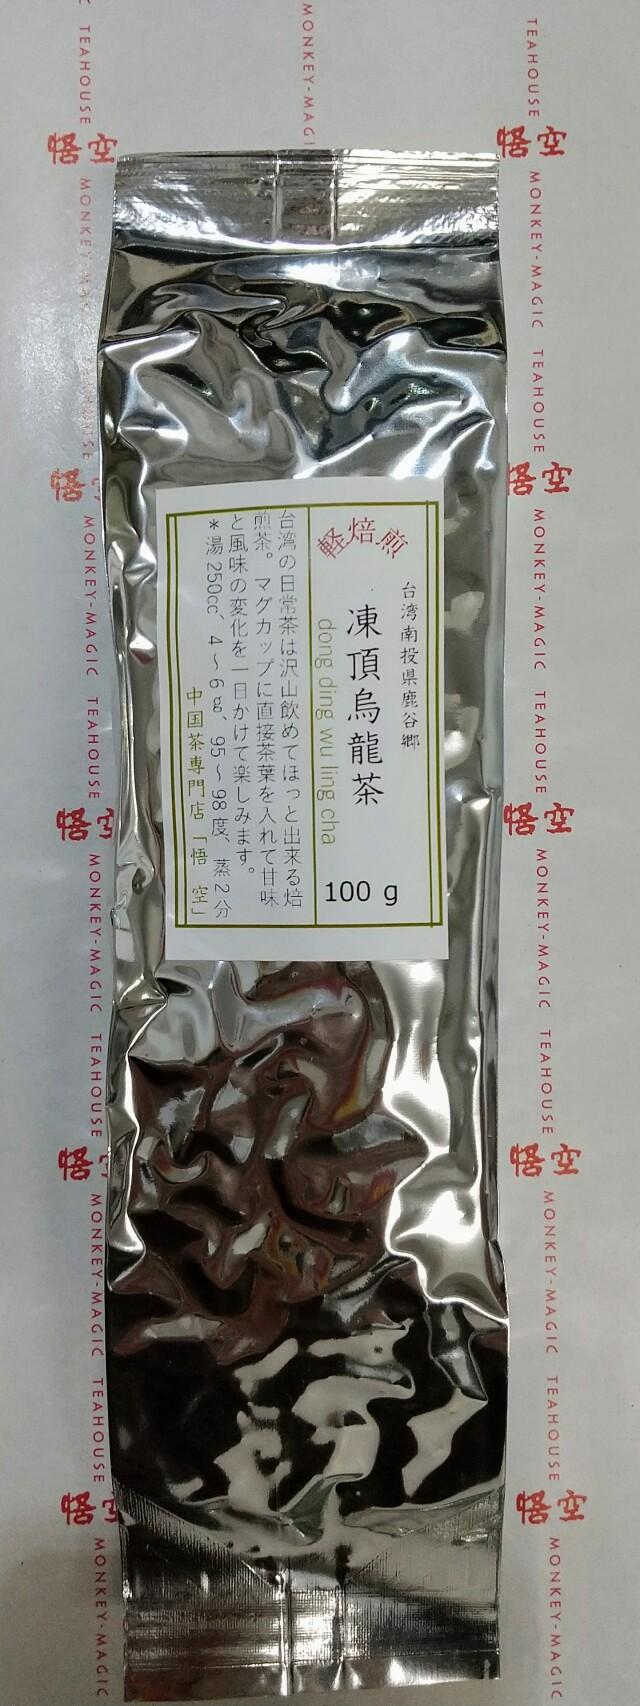 台-222A軽焙煎凍頂烏龍茶 100g  けいばいせんとうちょううーろん